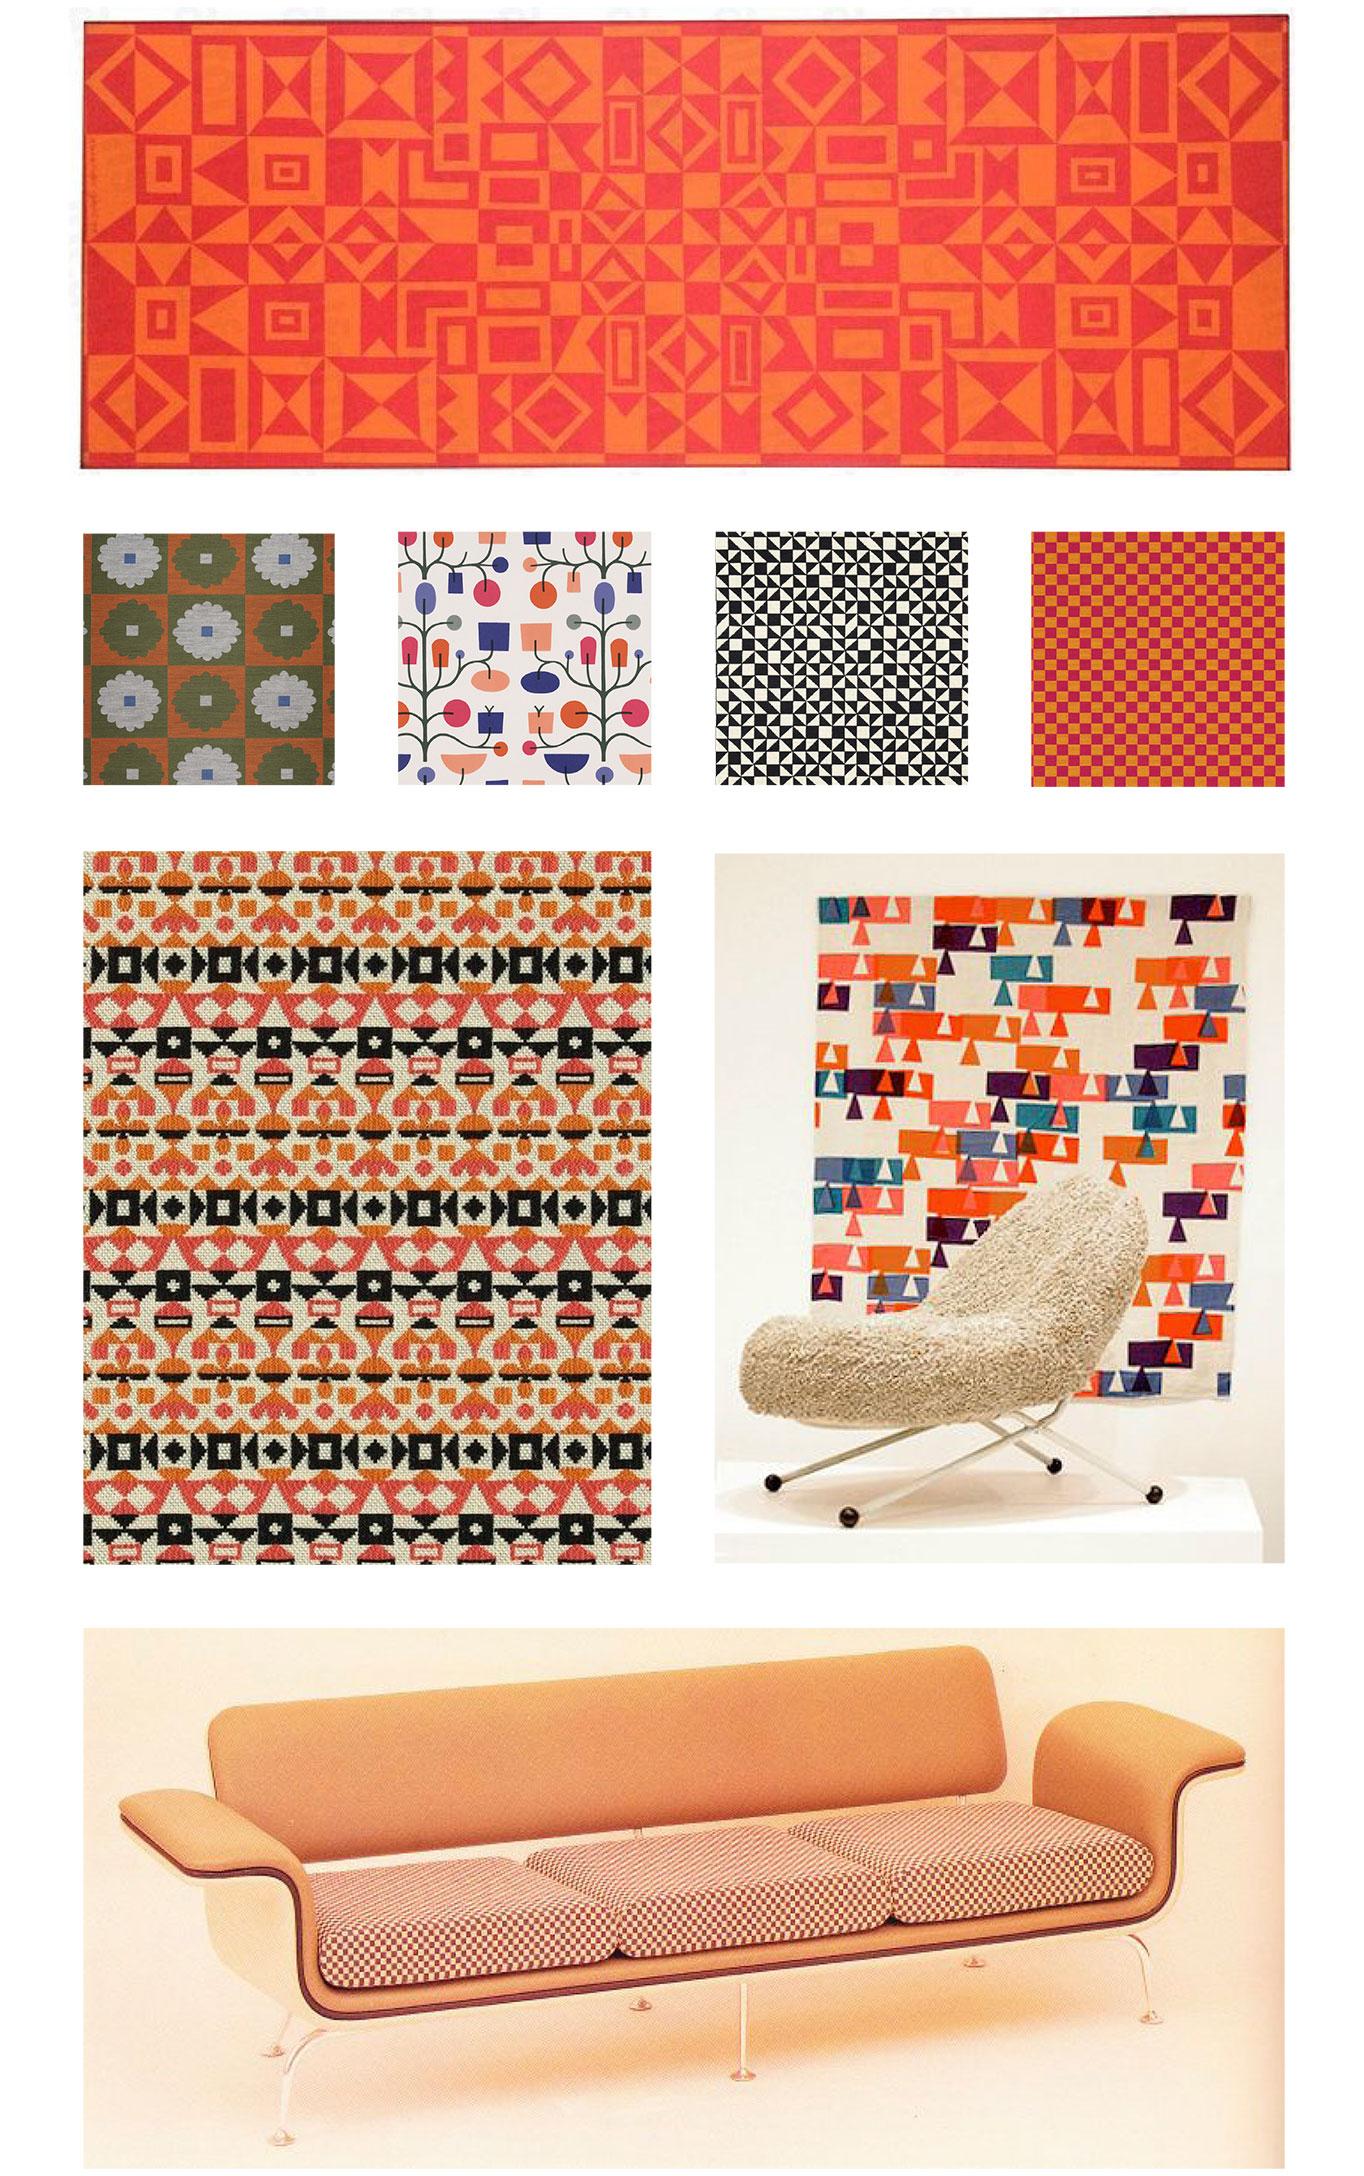 Textile images